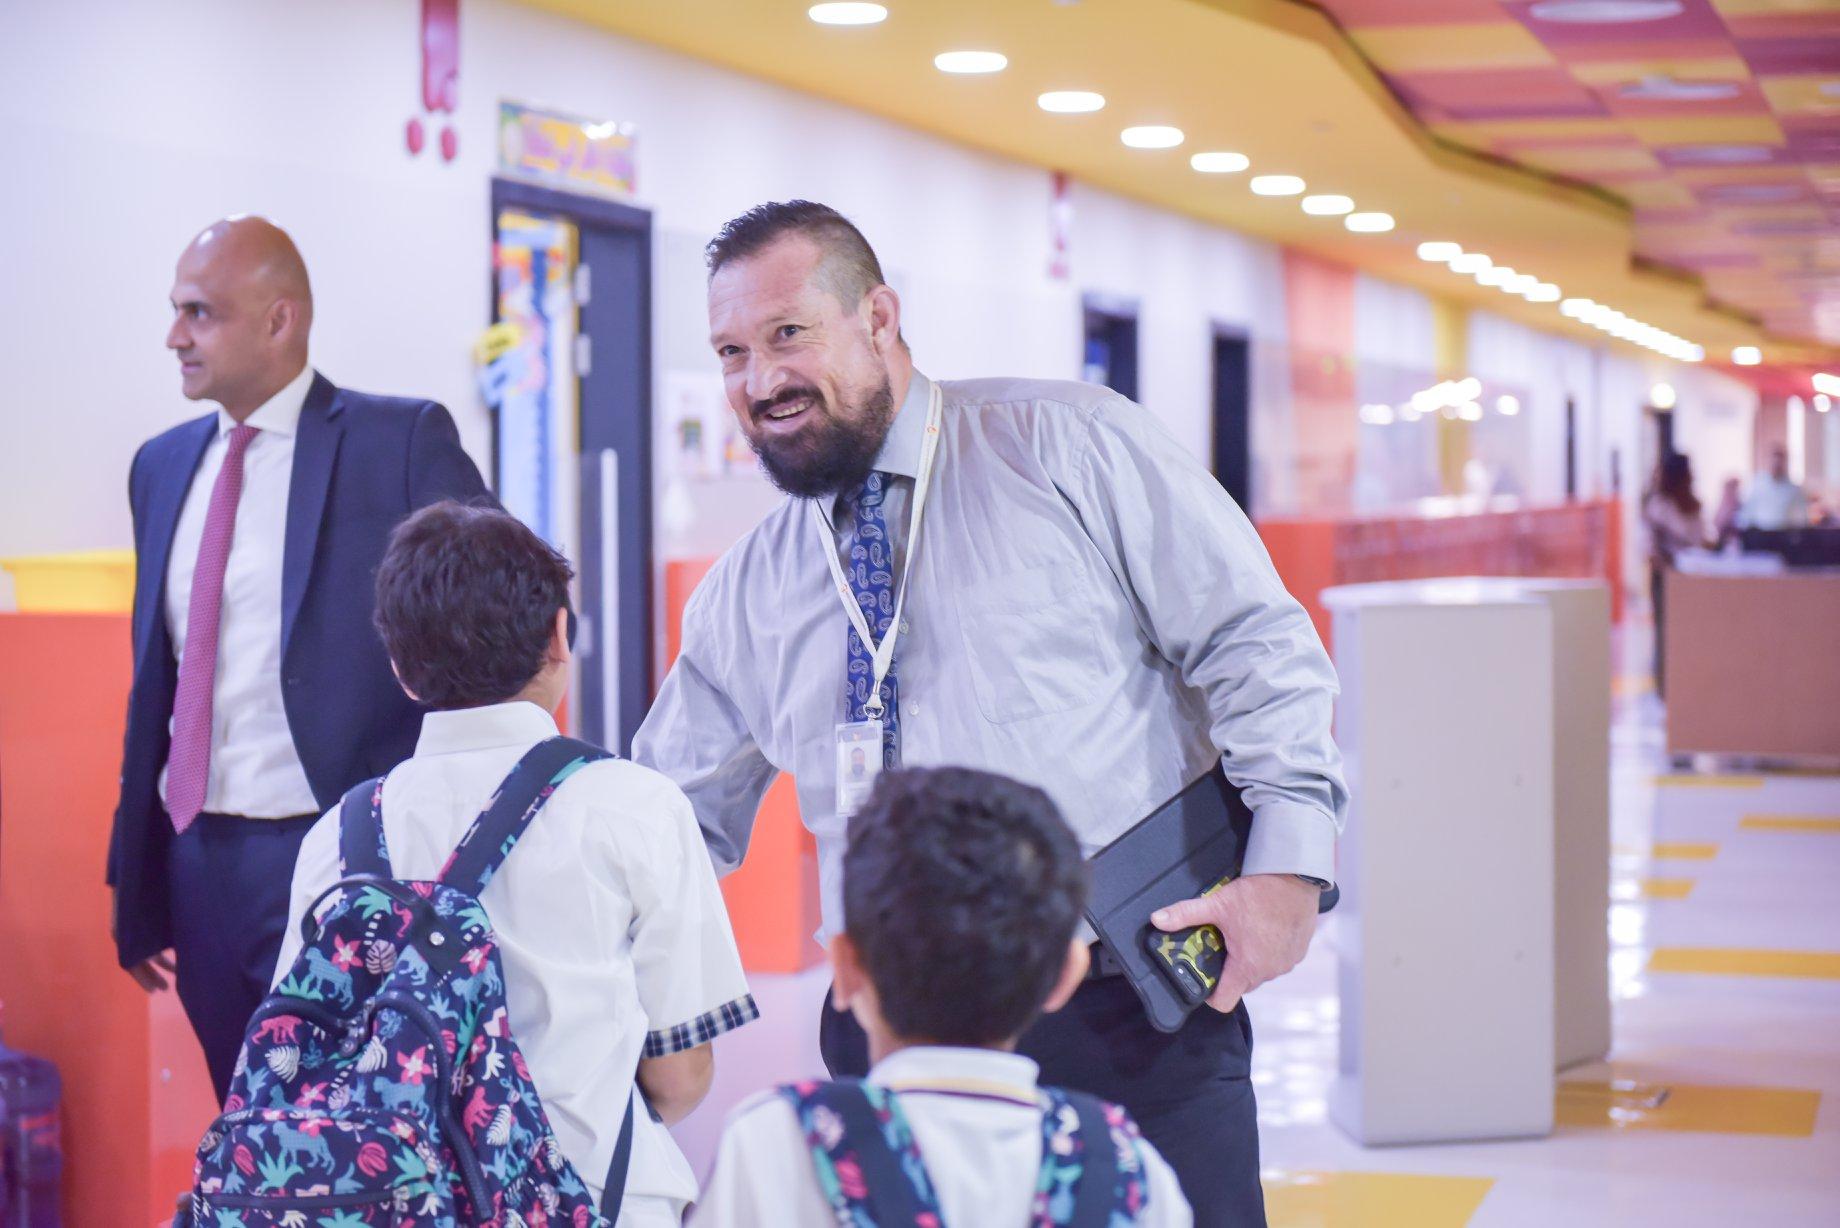 يرحب طاقم التدريس في نكست جينيريشن بالطلاب في اليوم الأول من المدرسة